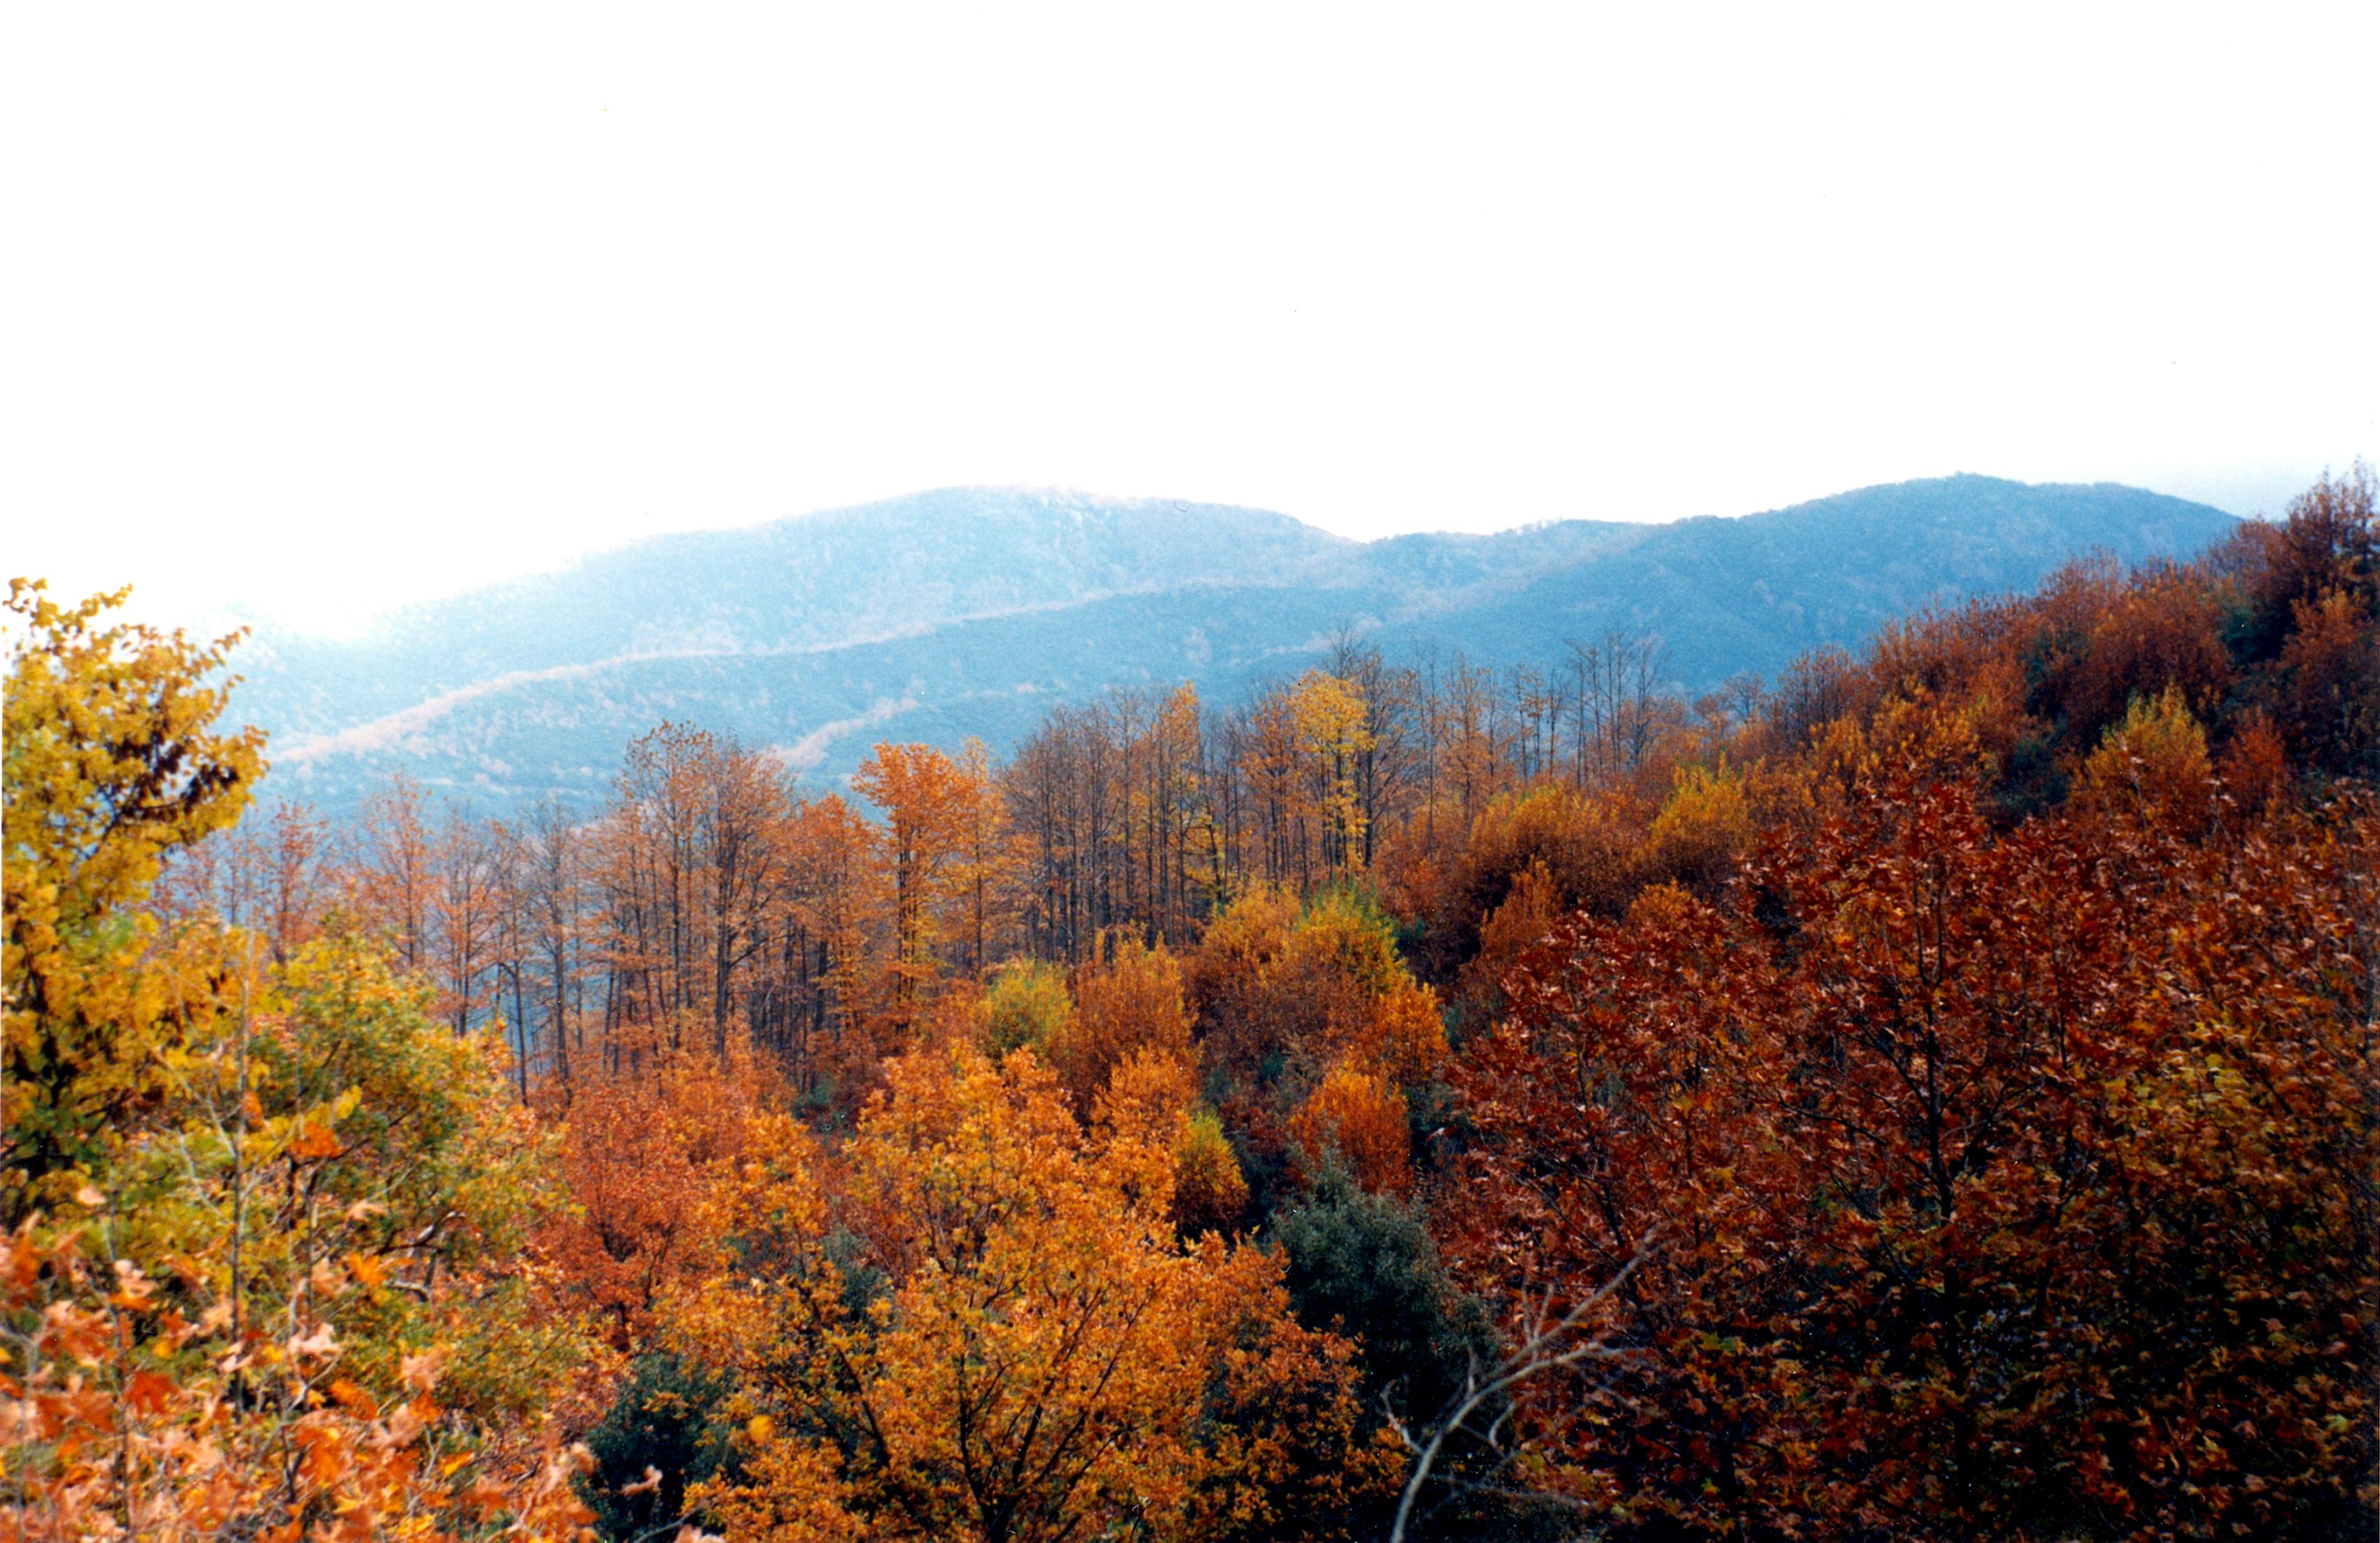 Αράκυνθος - Φθινόπωρο